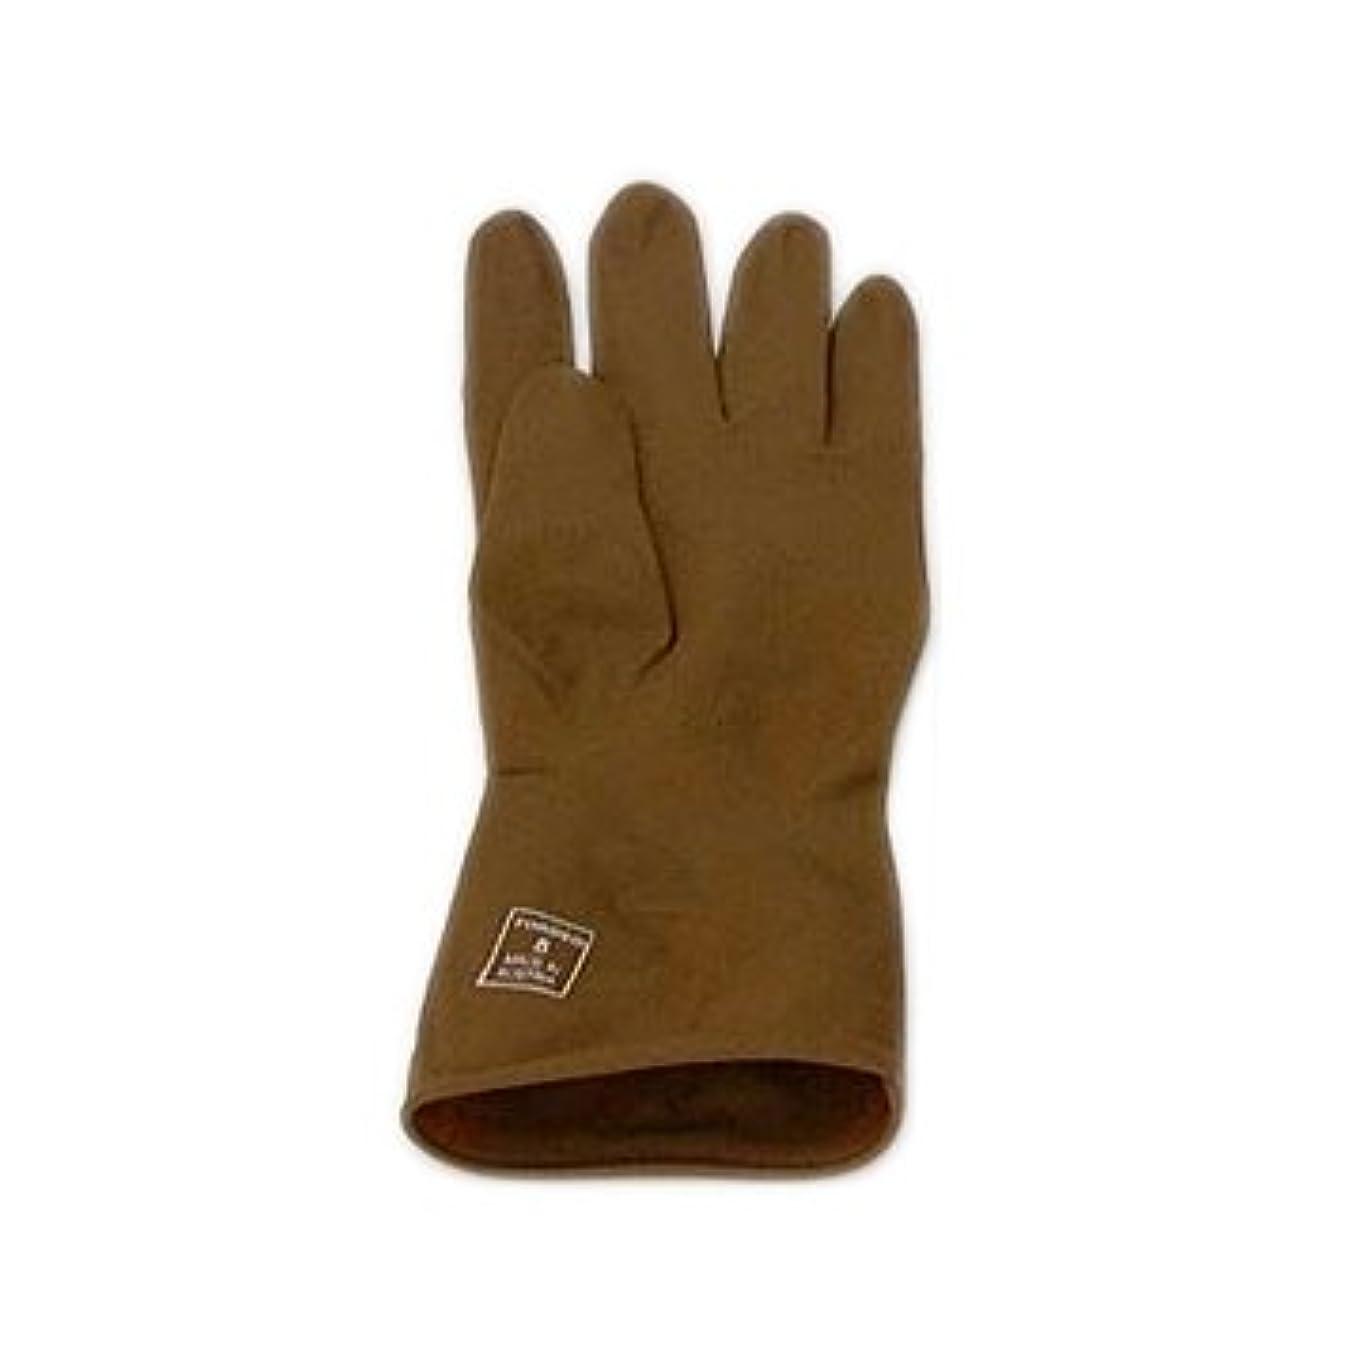 貫入危険を冒しますとトンデオ ゴム手袋 1双 7.5